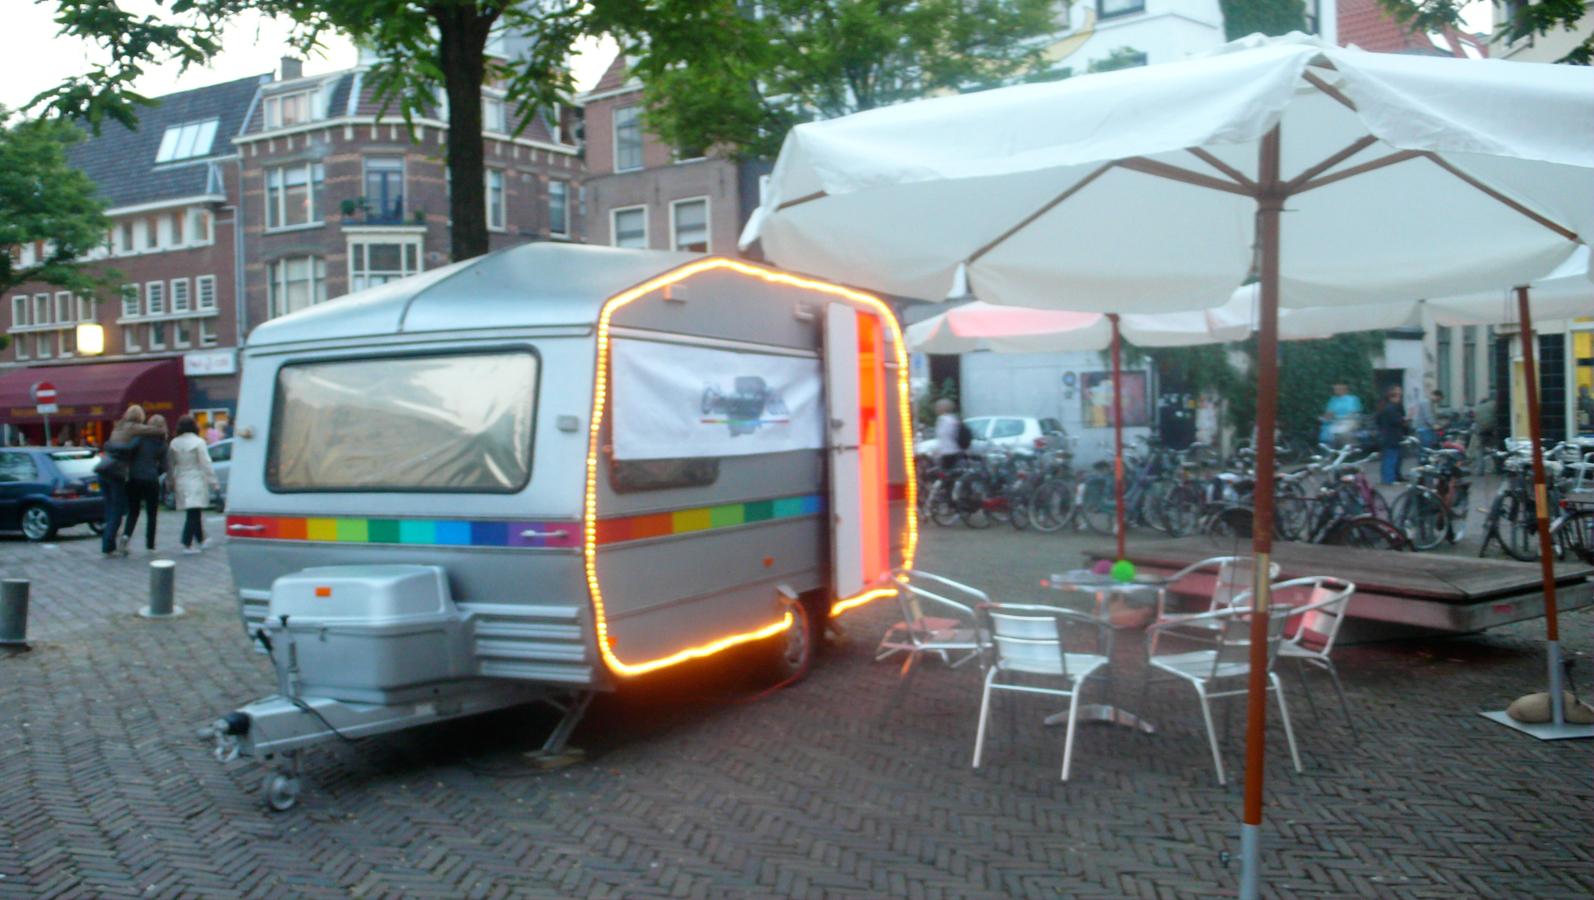 The ChromaVan in Utrech Festival aan de Werft